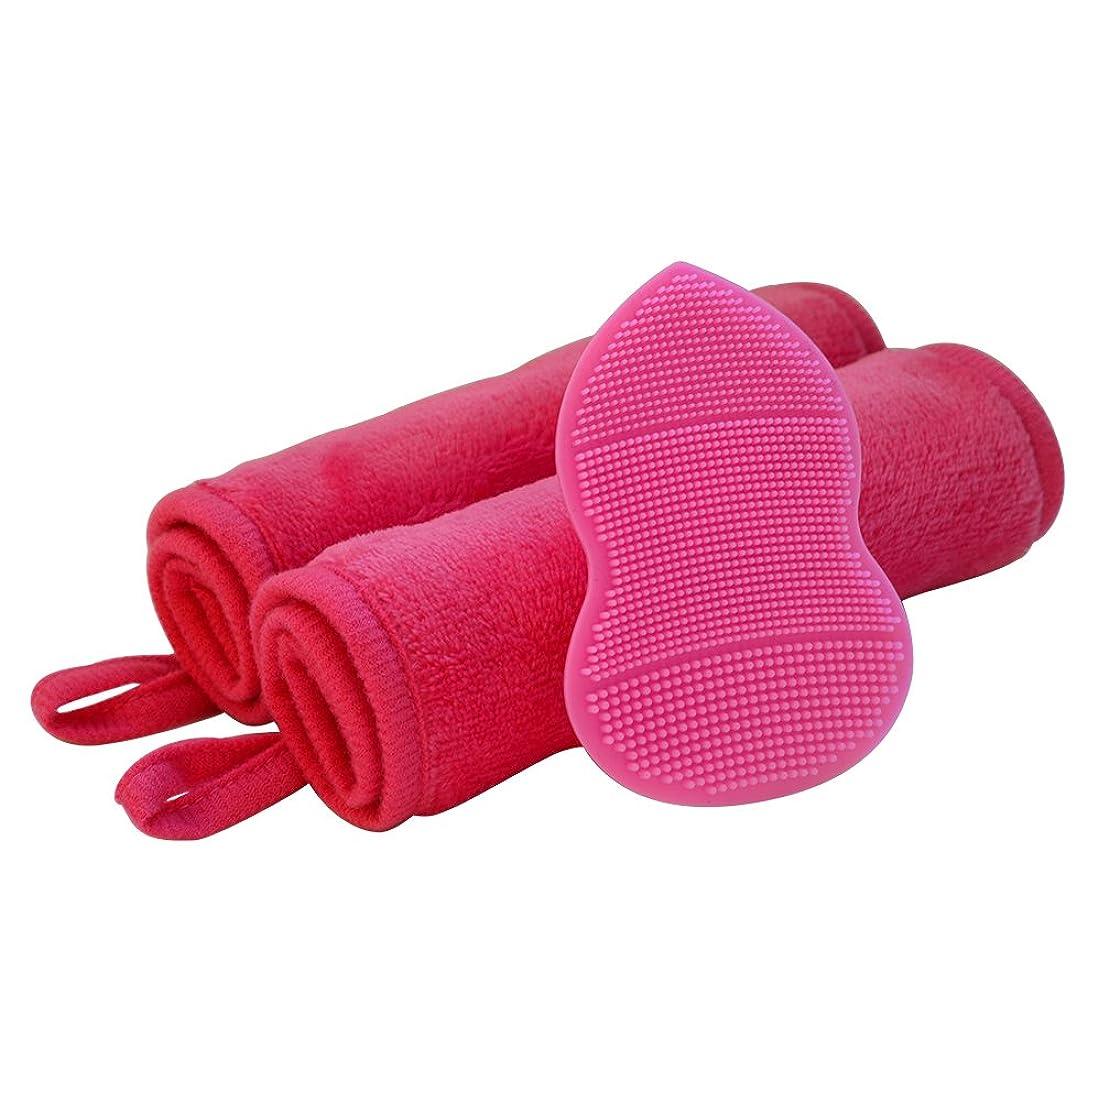 とげ義務コインAOMUUメーク落とし&洗顔セット‐マイクロファイバーメーク落としタオル2点、シリコーン洗顔パット1点付き (ピンク)